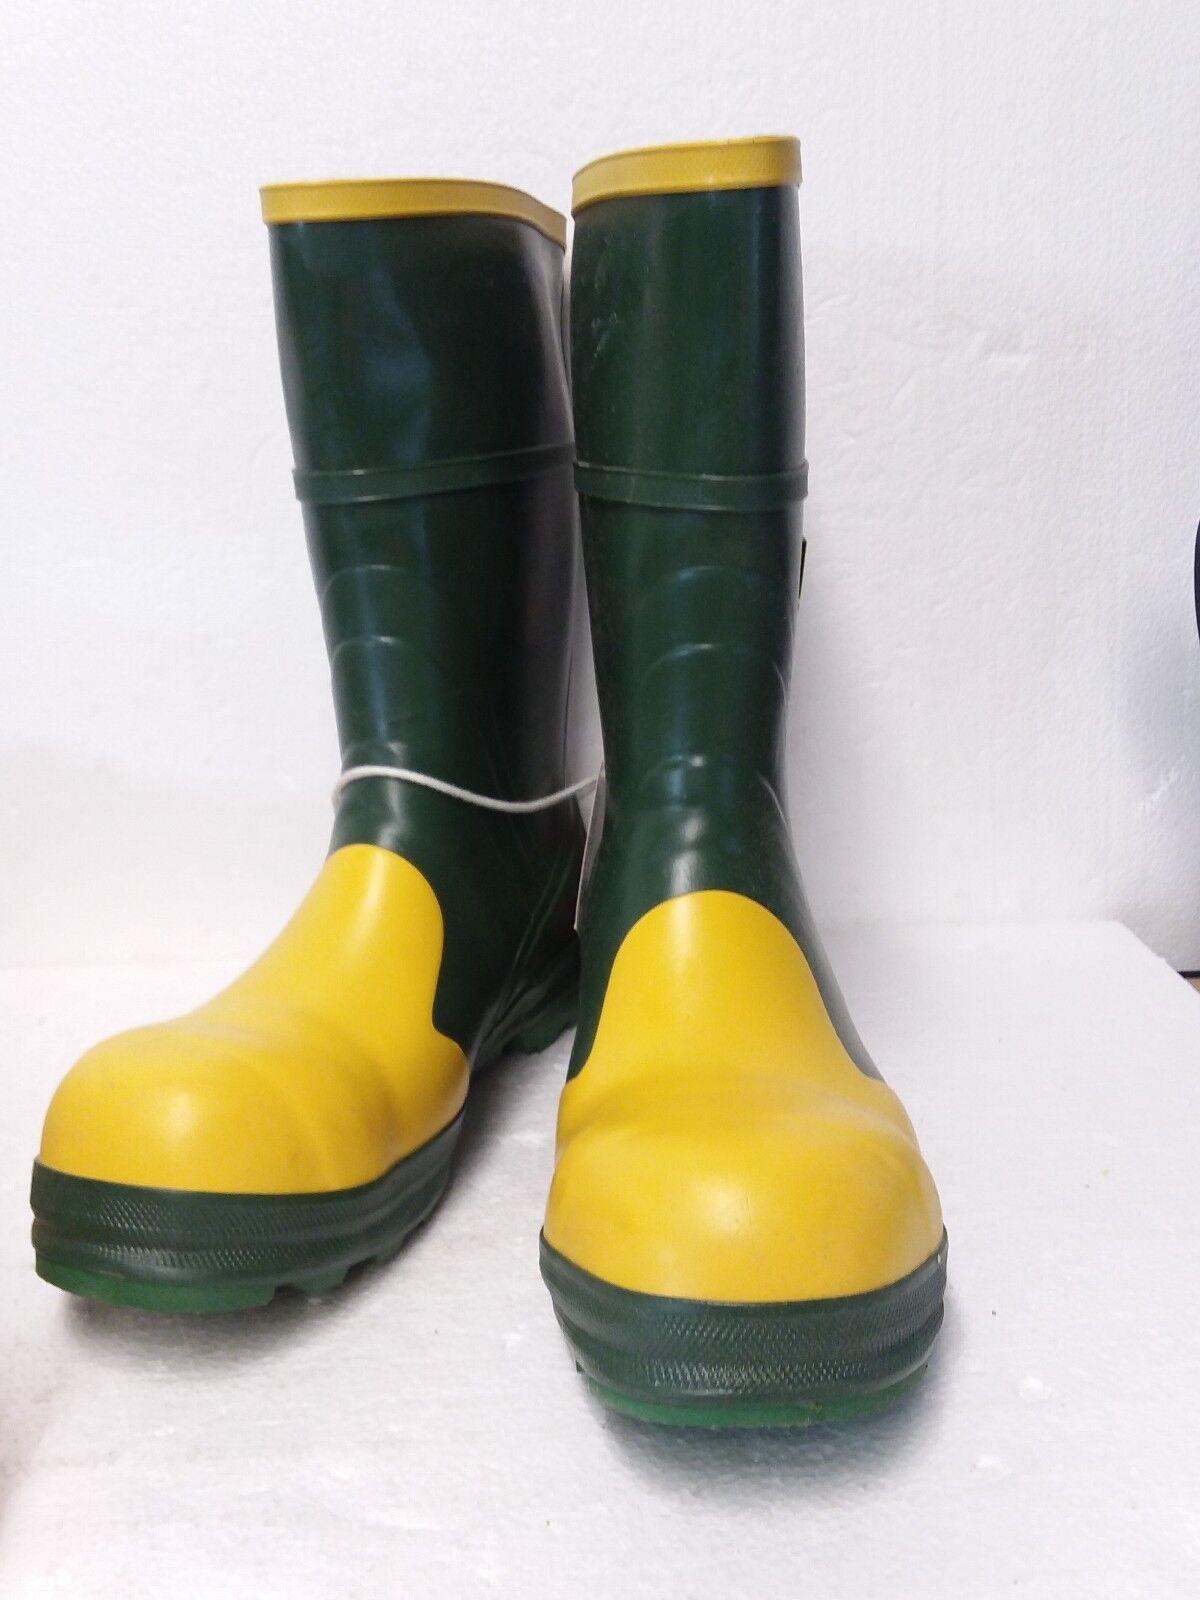 botas De Seguridad Para Hombre Leigh Outfitters 3149, verde amarillo, tamaño; 10